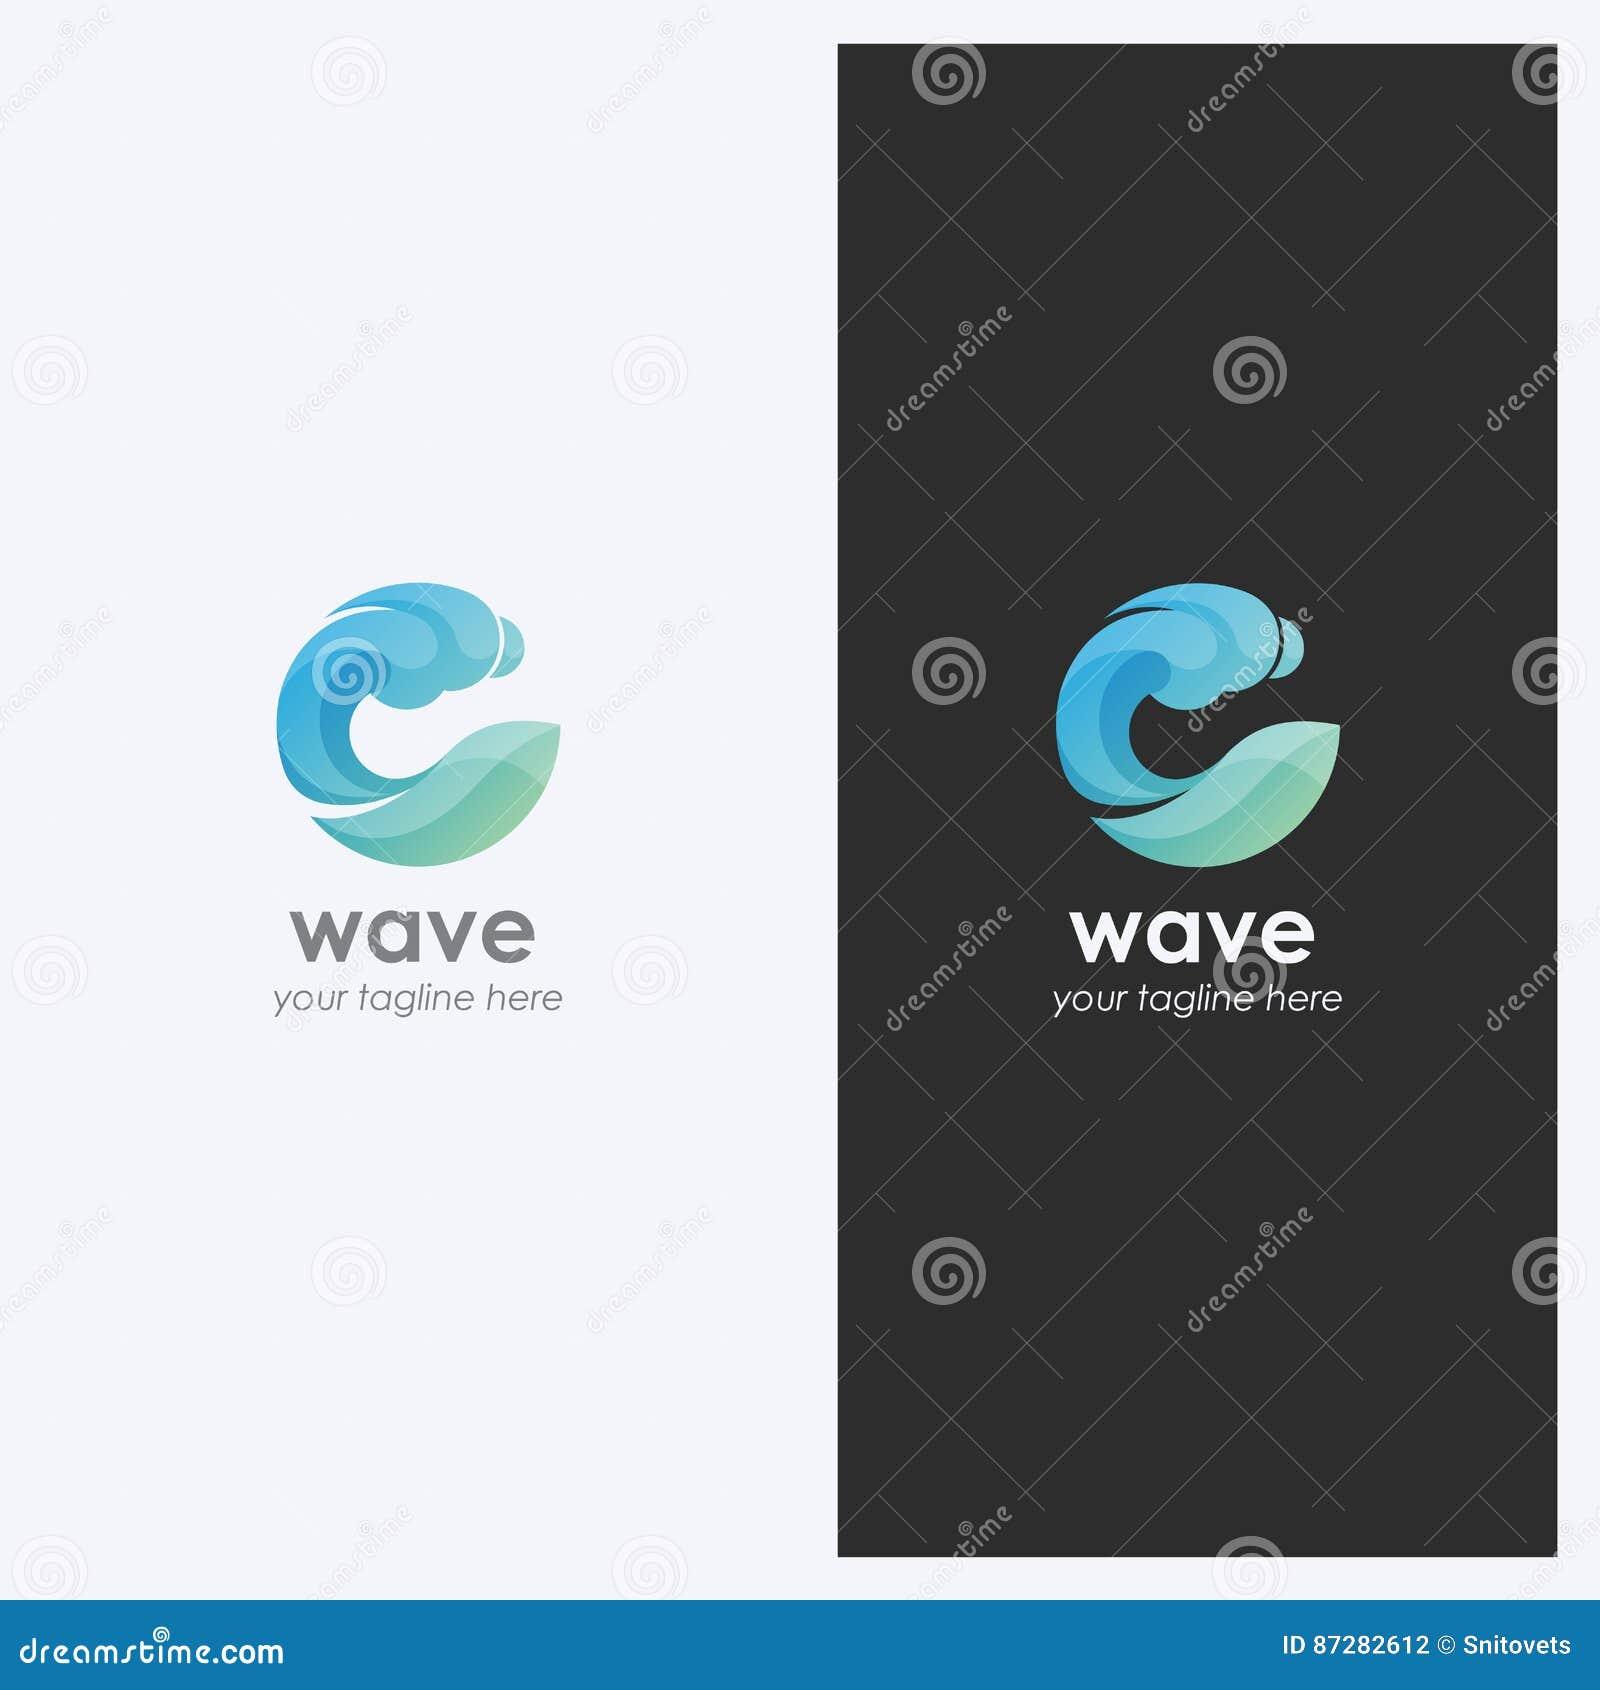 De abstracte Vorm Logo Design Template van de Watergolf Collectief Bedrijfsthema Schoonheidsmiddelen, het Concept van de Branding